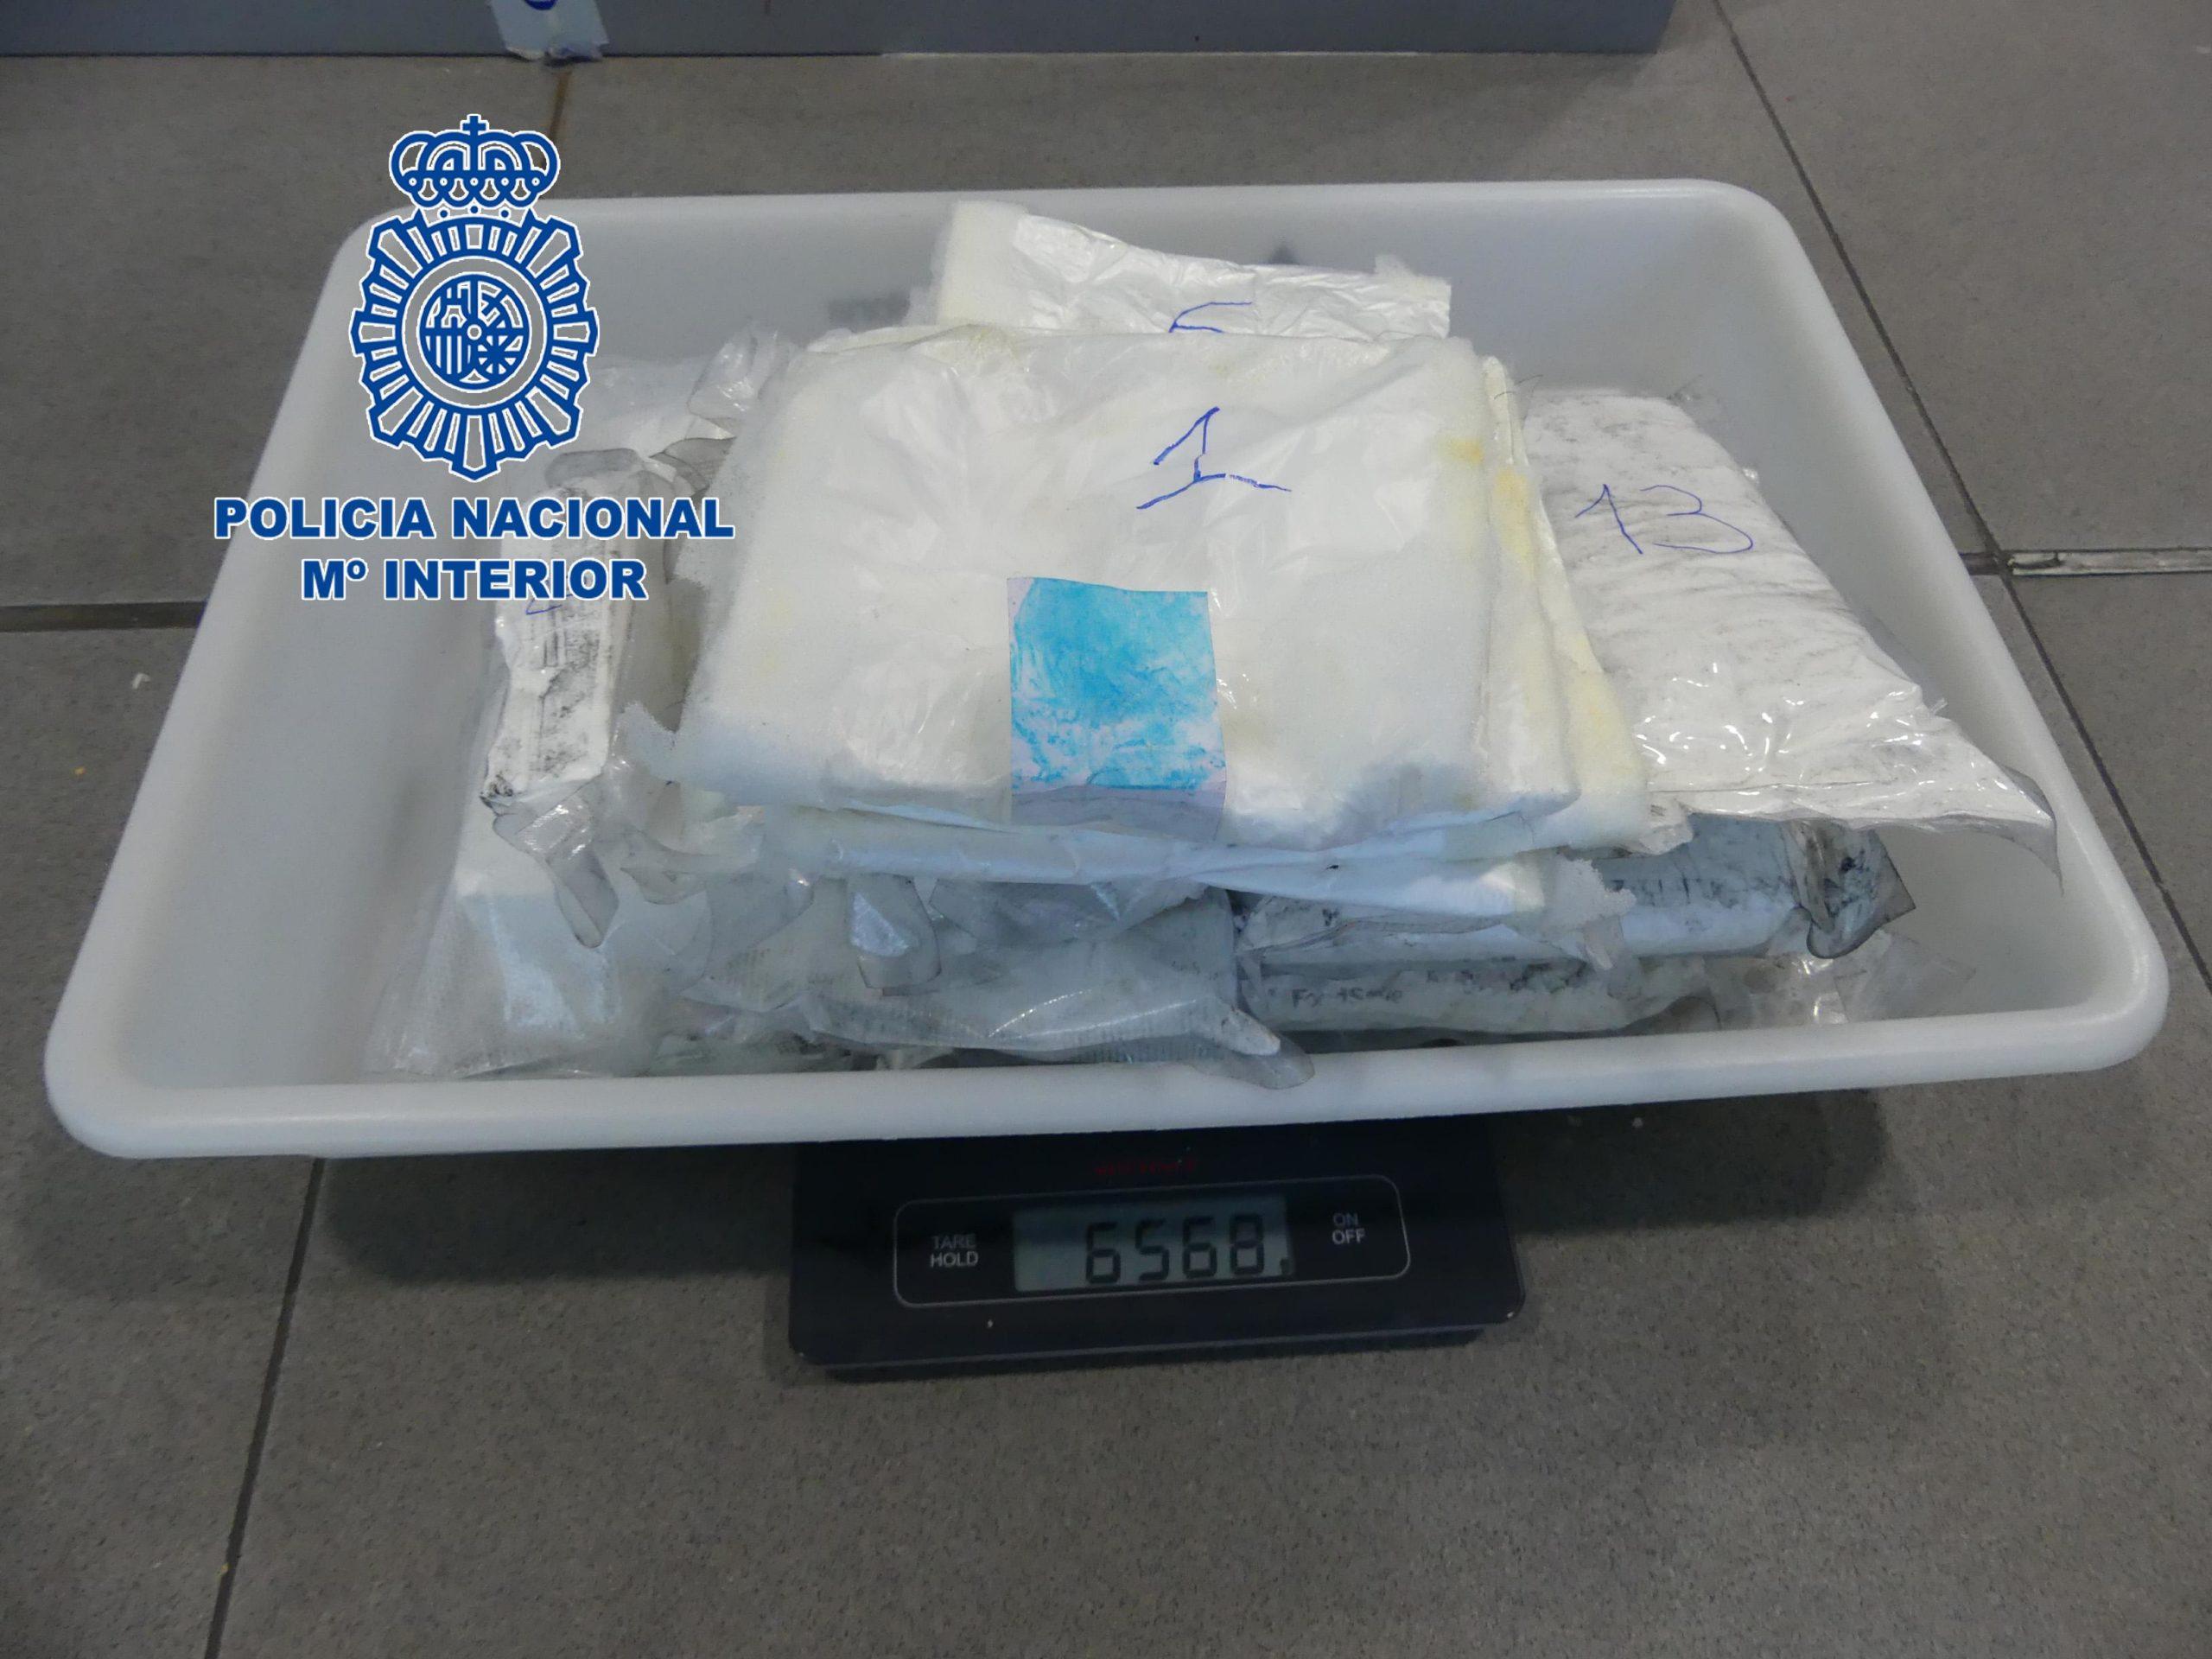 Cocaïna localitzada al doble fons d'una maleta | Policia Nacional